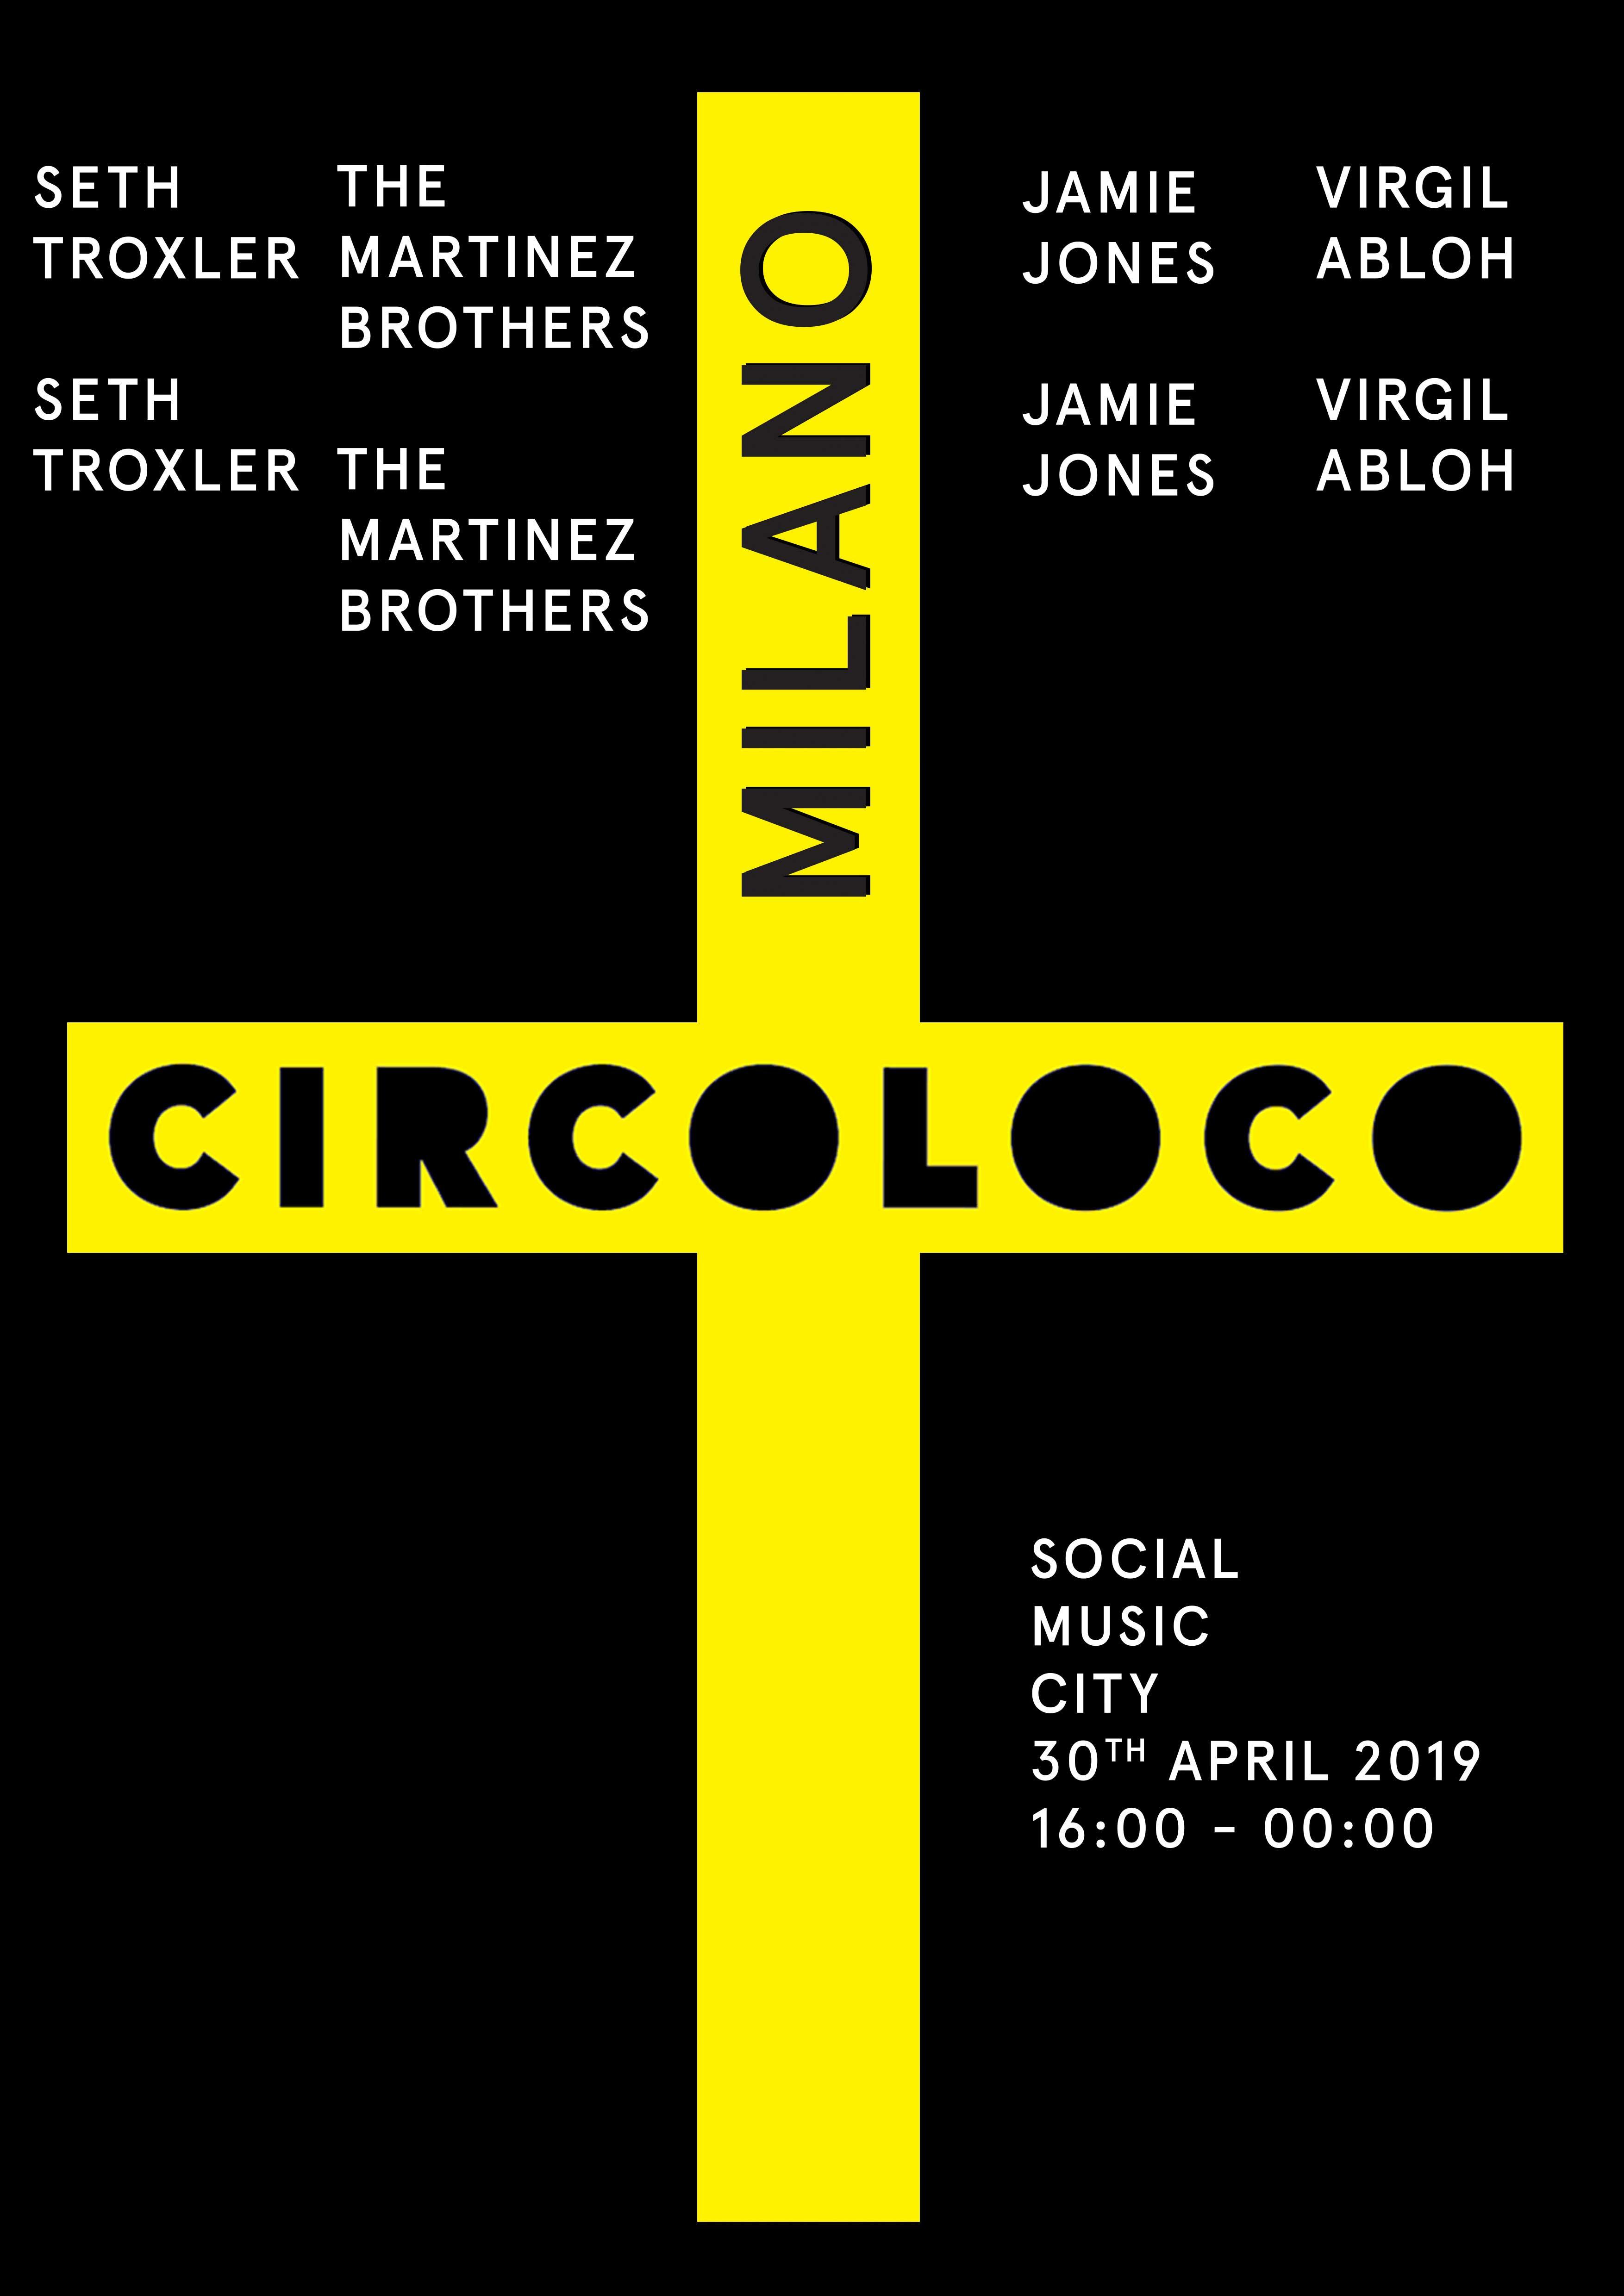 Circoloco Milan 2019 at Social Music City